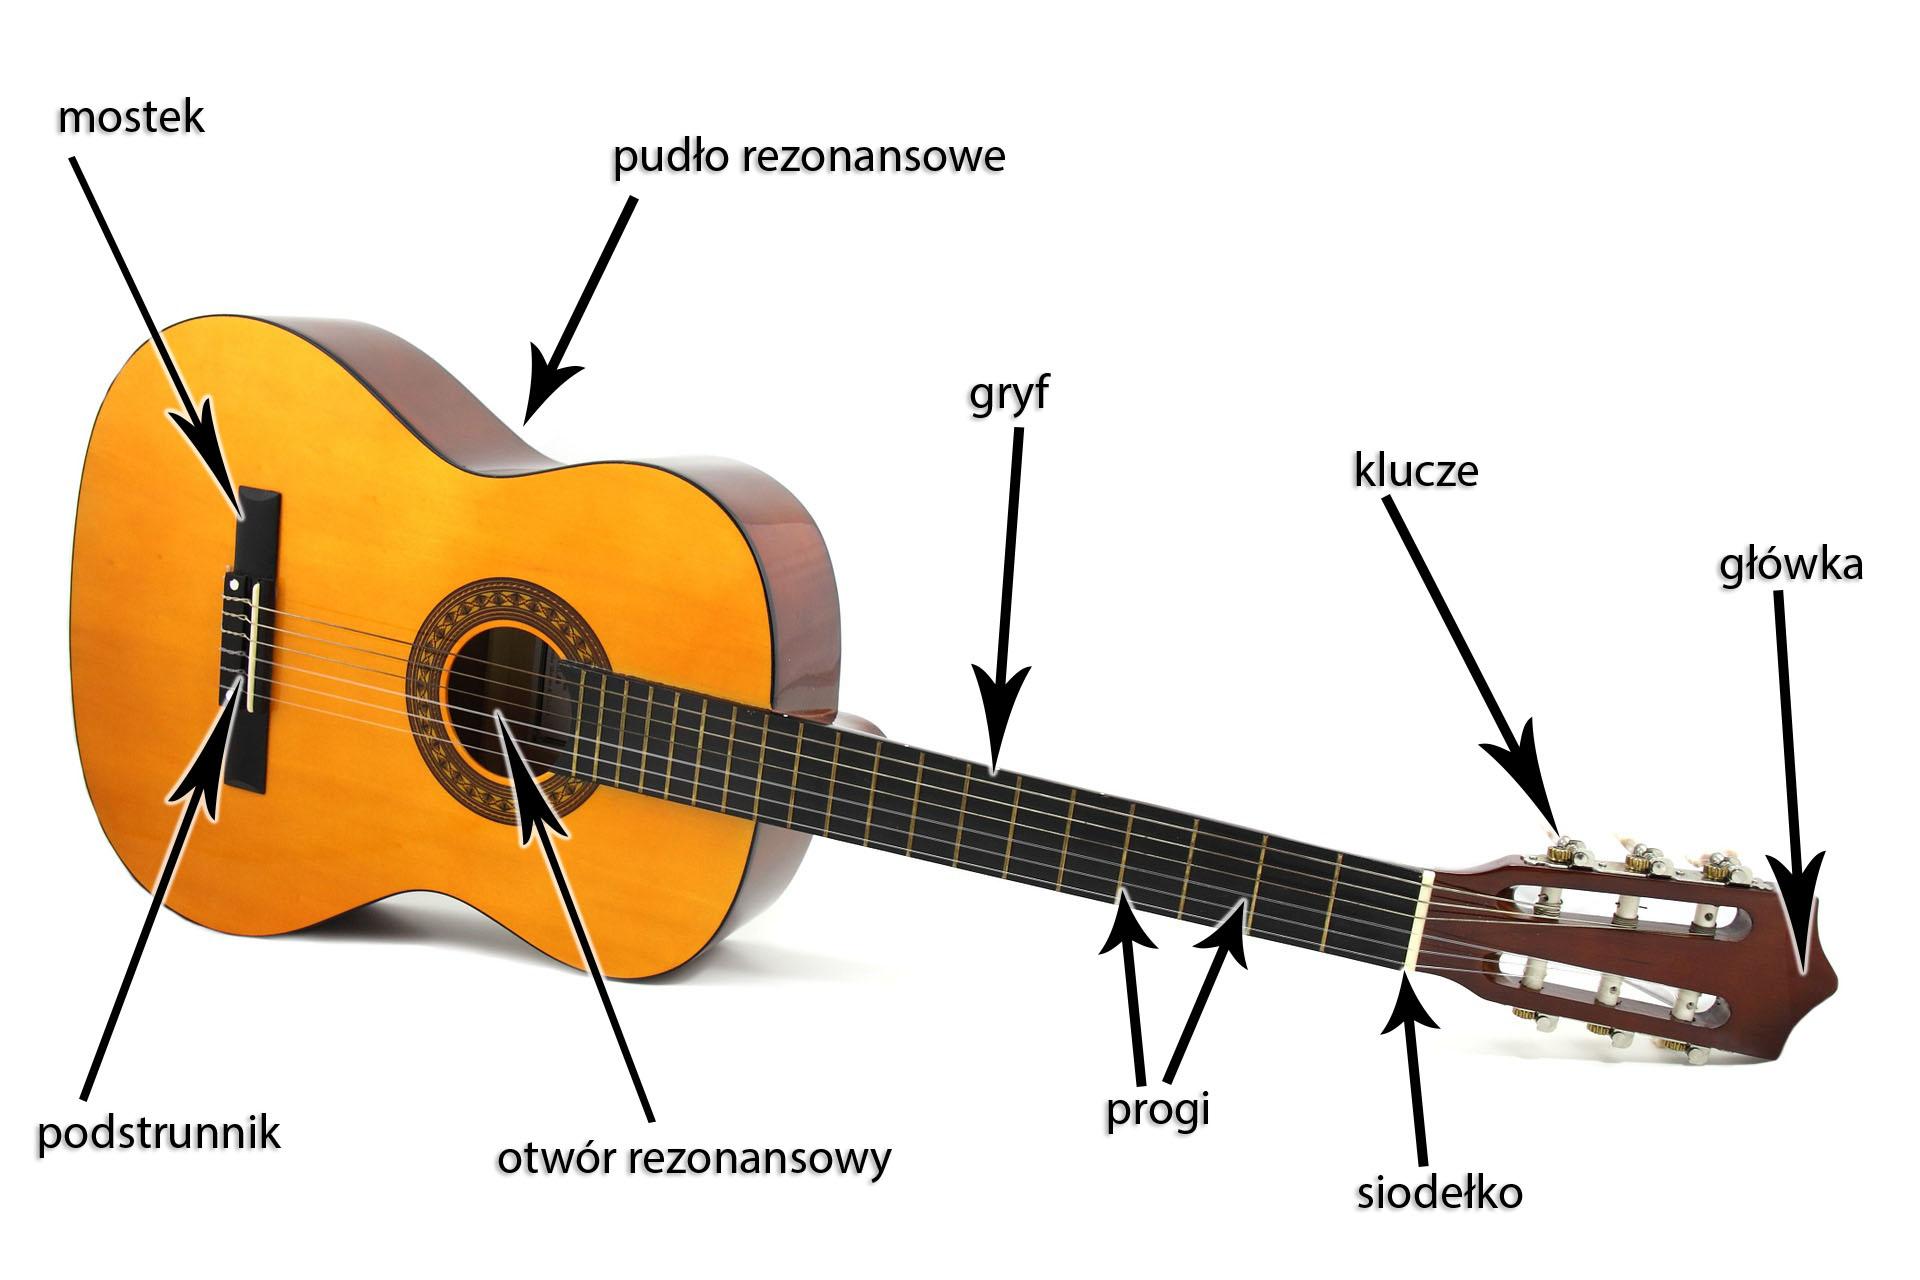 Budowa gitary - części gitary